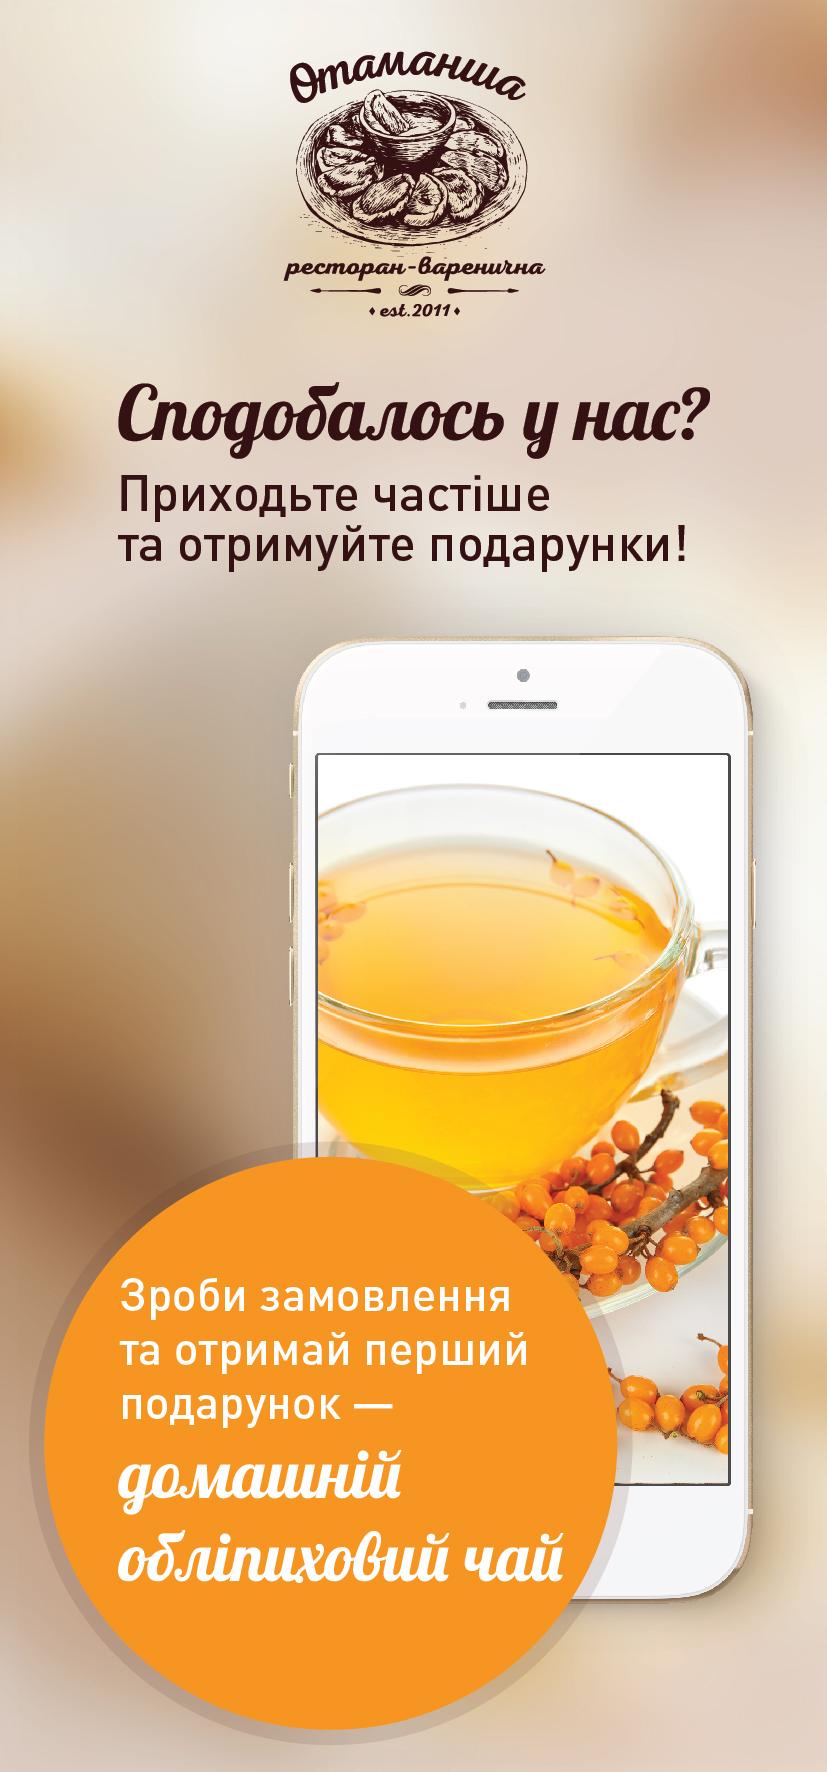 1_leaflet front copy 3